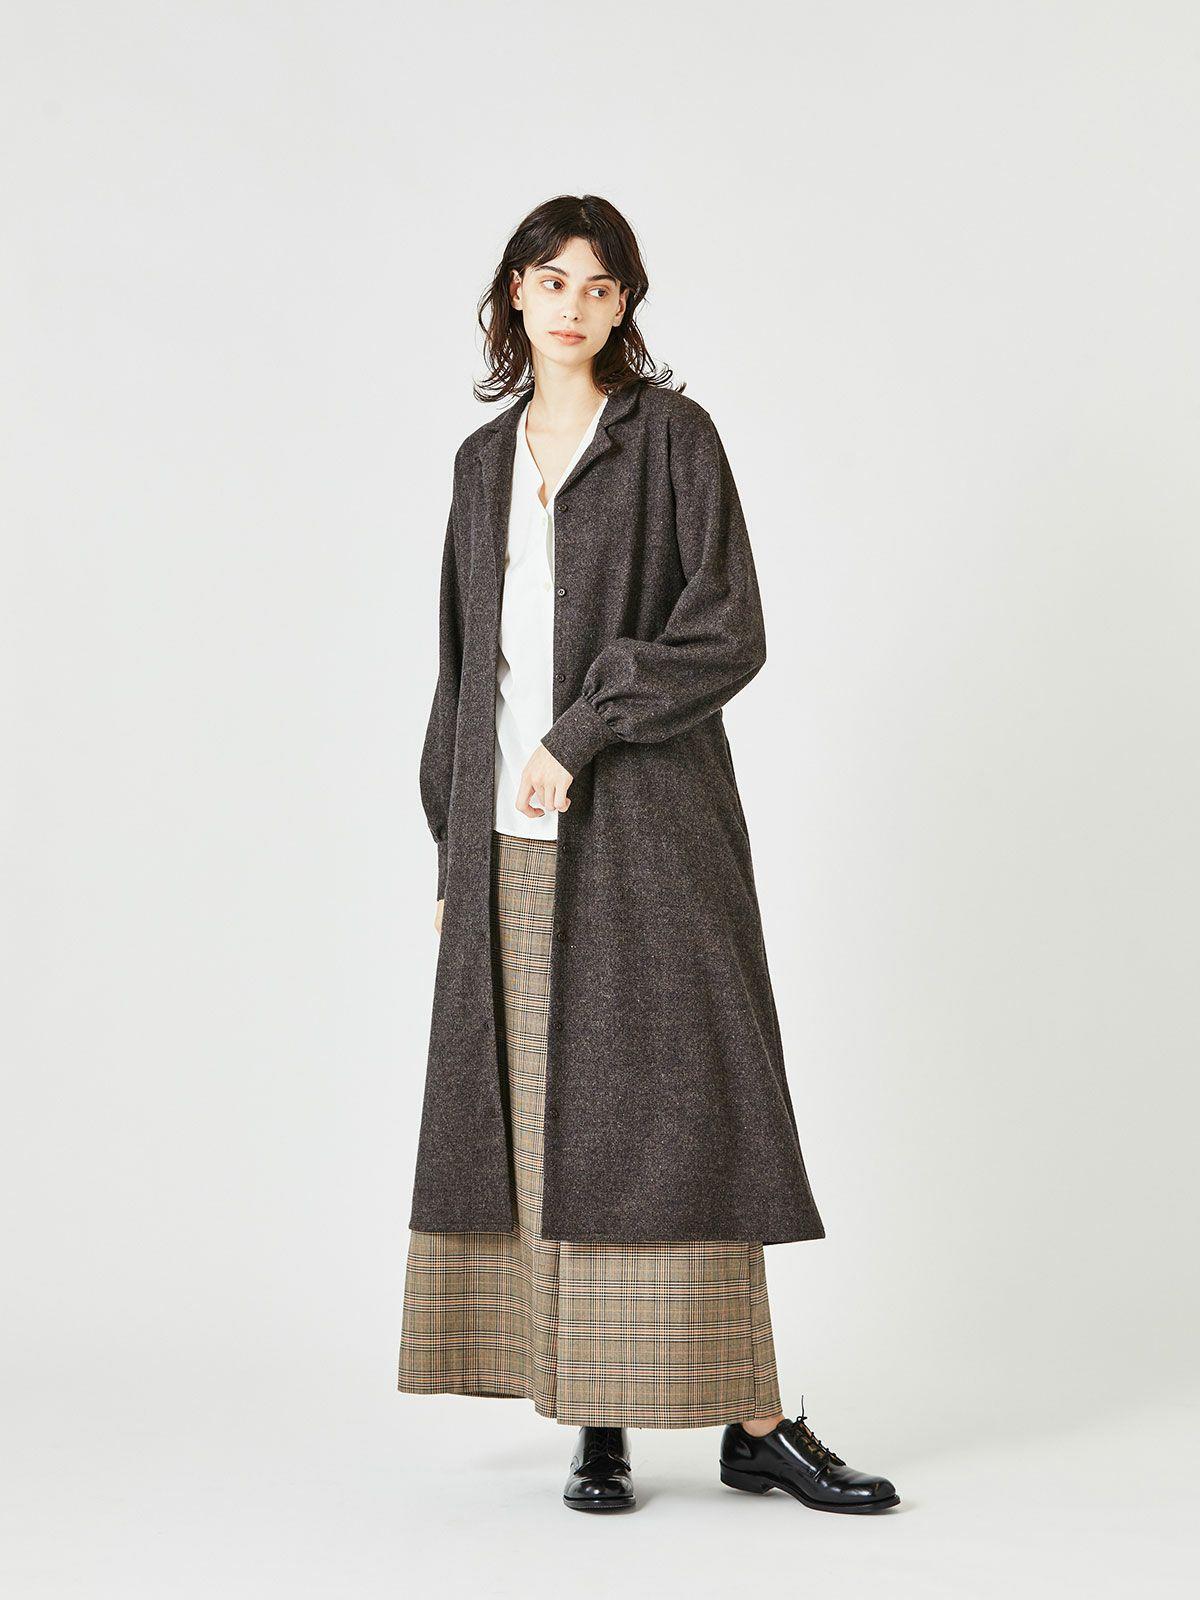 MIDUMISOLID for Ladies ベルト付きオープンカラーシャツコート